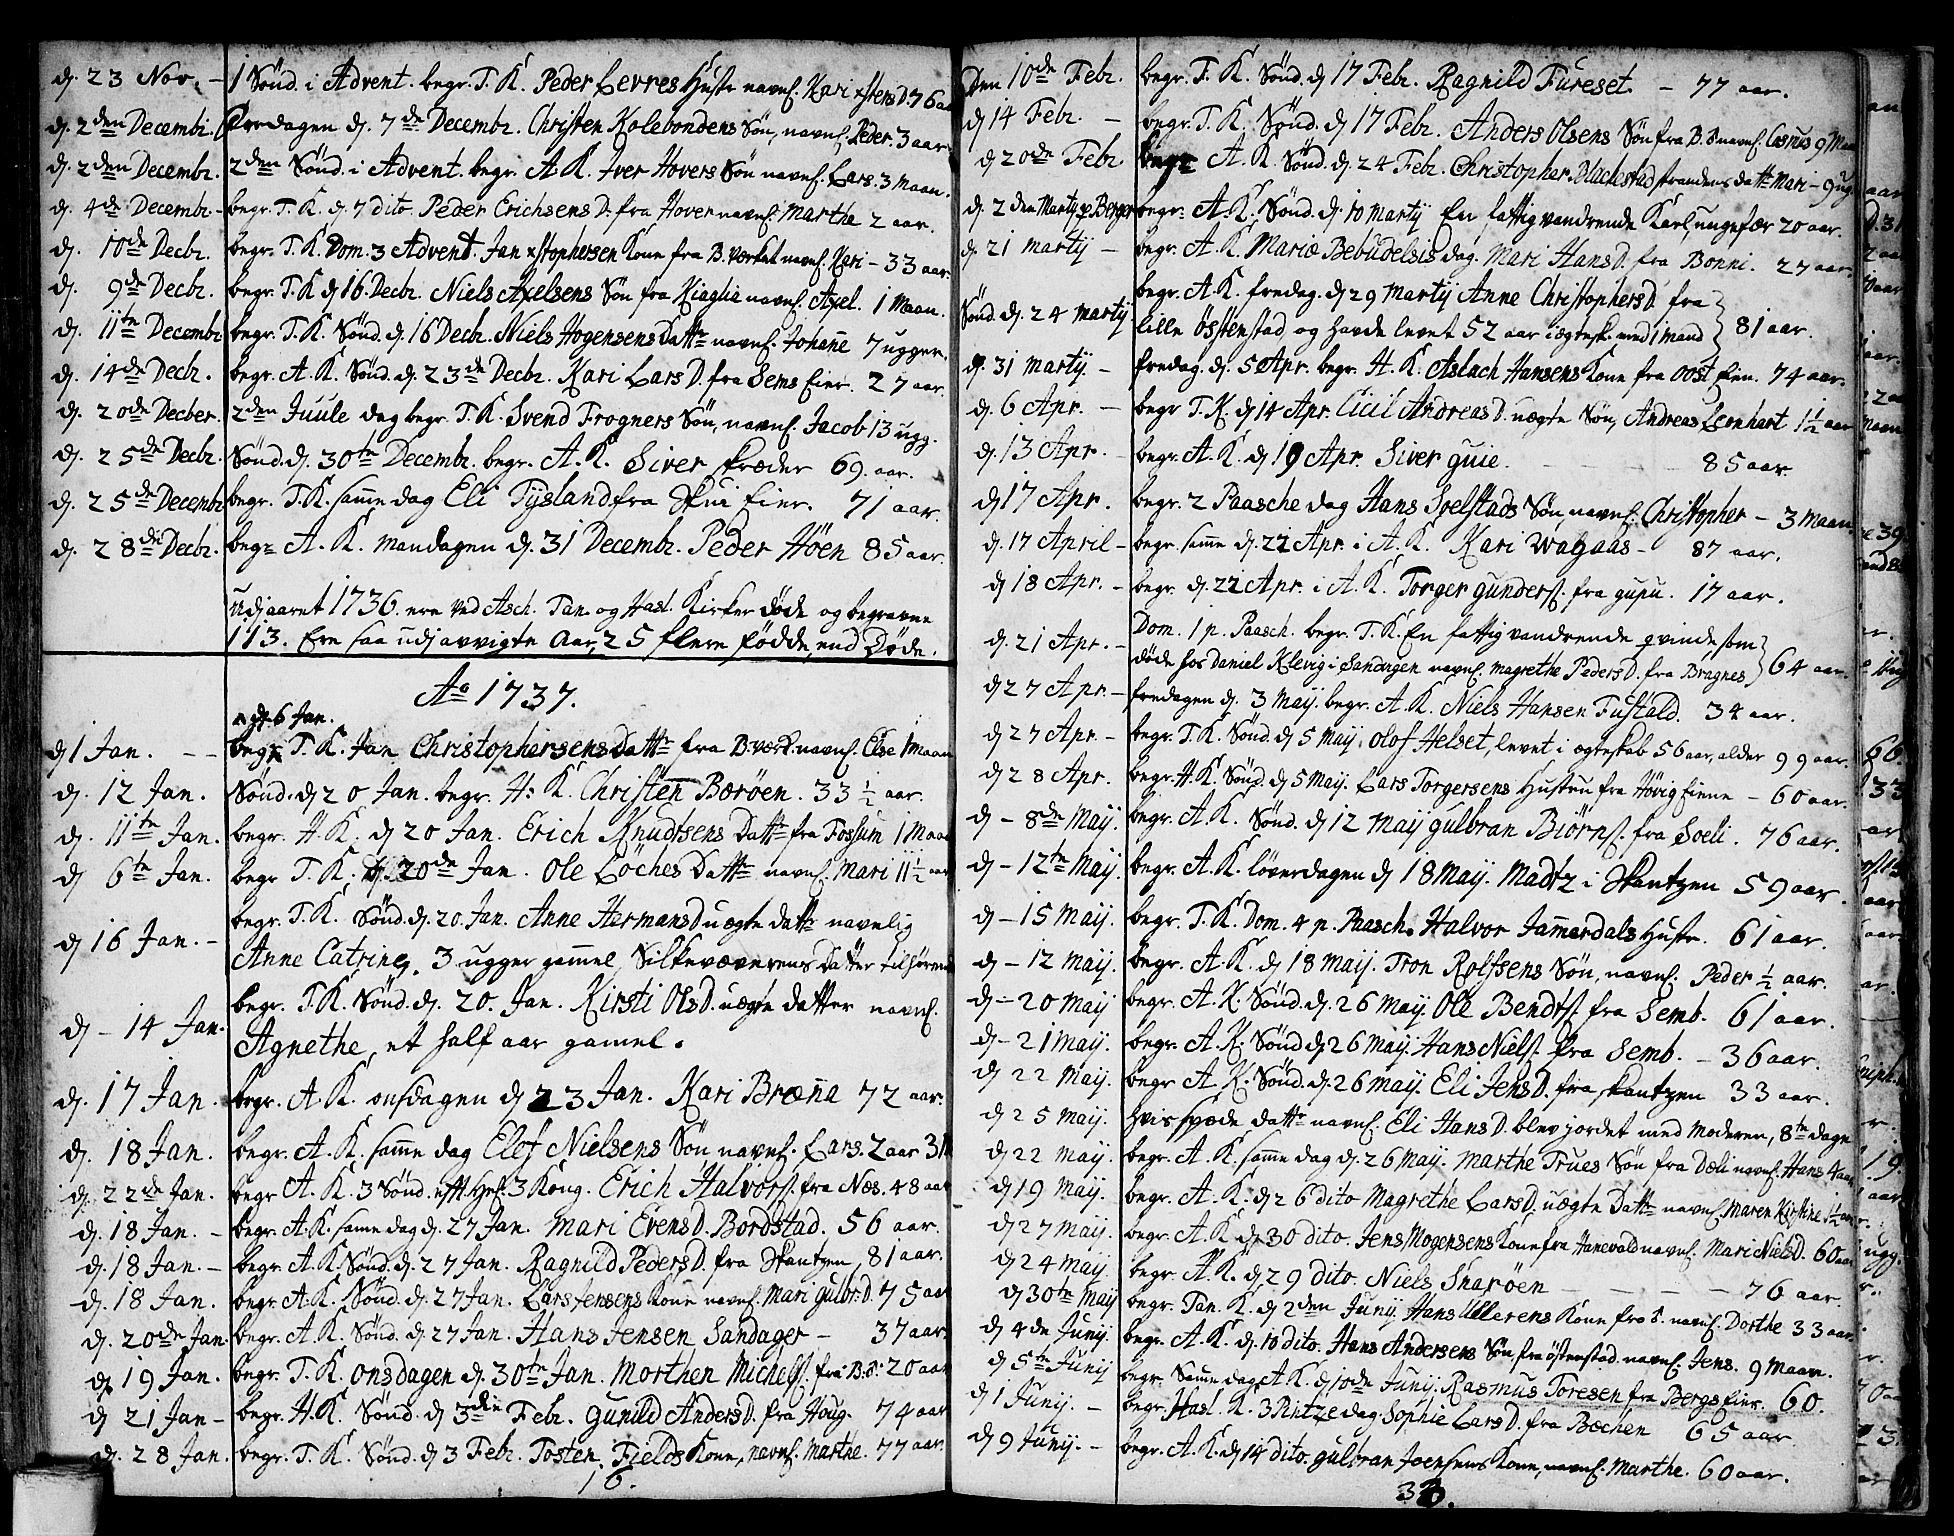 SAO, Asker prestekontor Kirkebøker, F/Fa/L0001: Ministerialbok nr. I 1, 1726-1744, s. 100